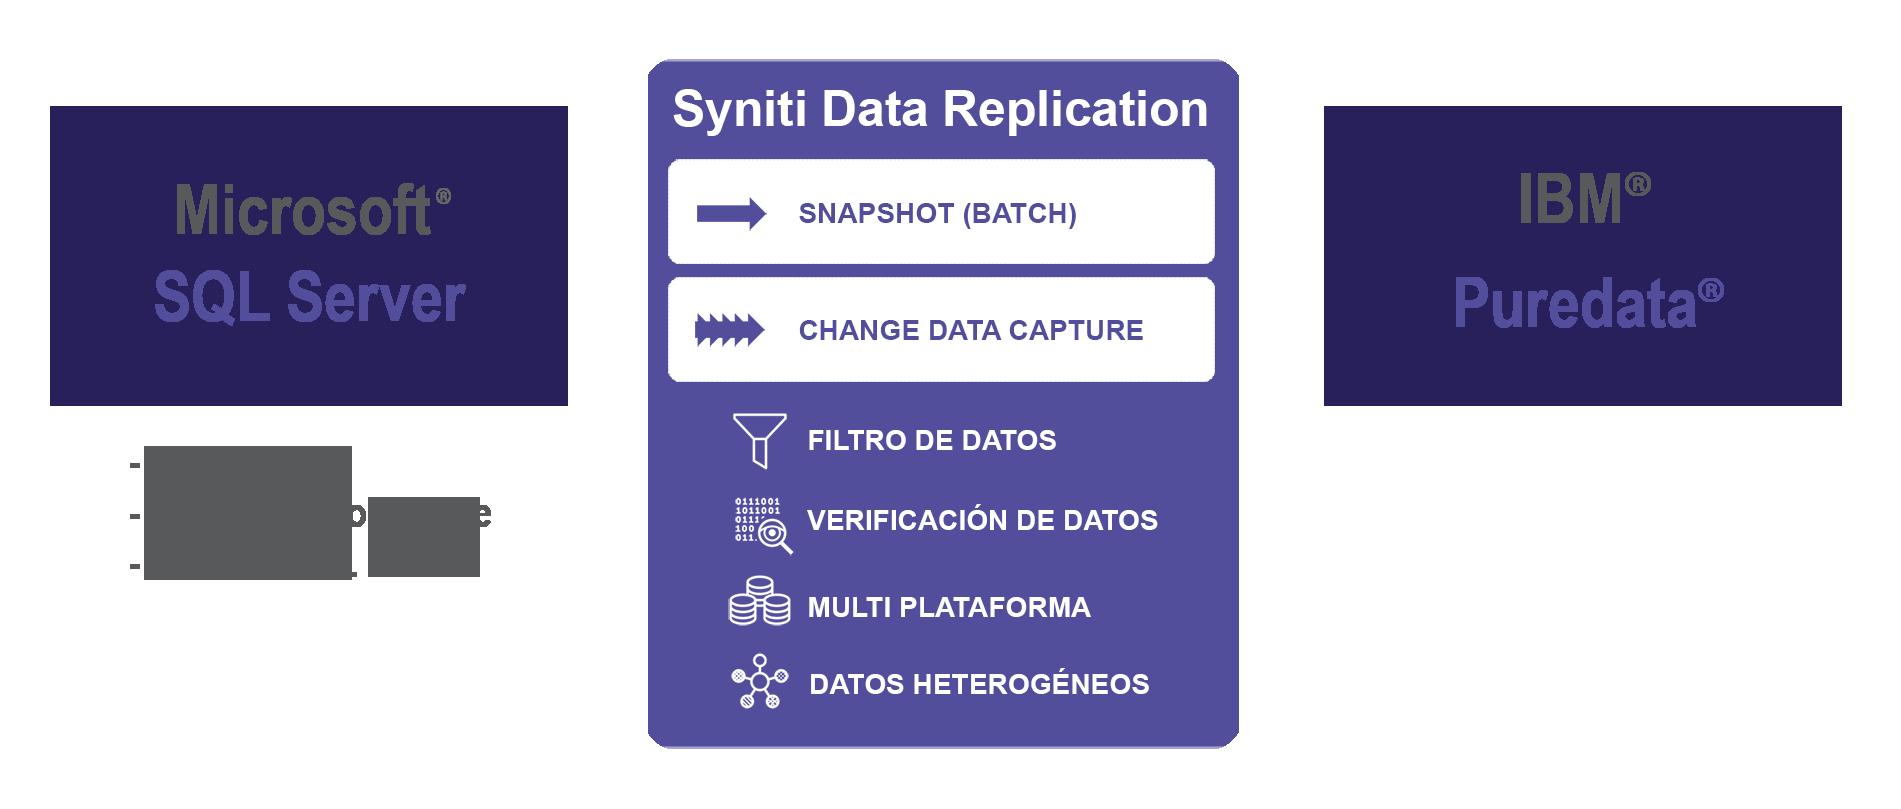 Replicación de datos SQL Server a Puredata Netezza